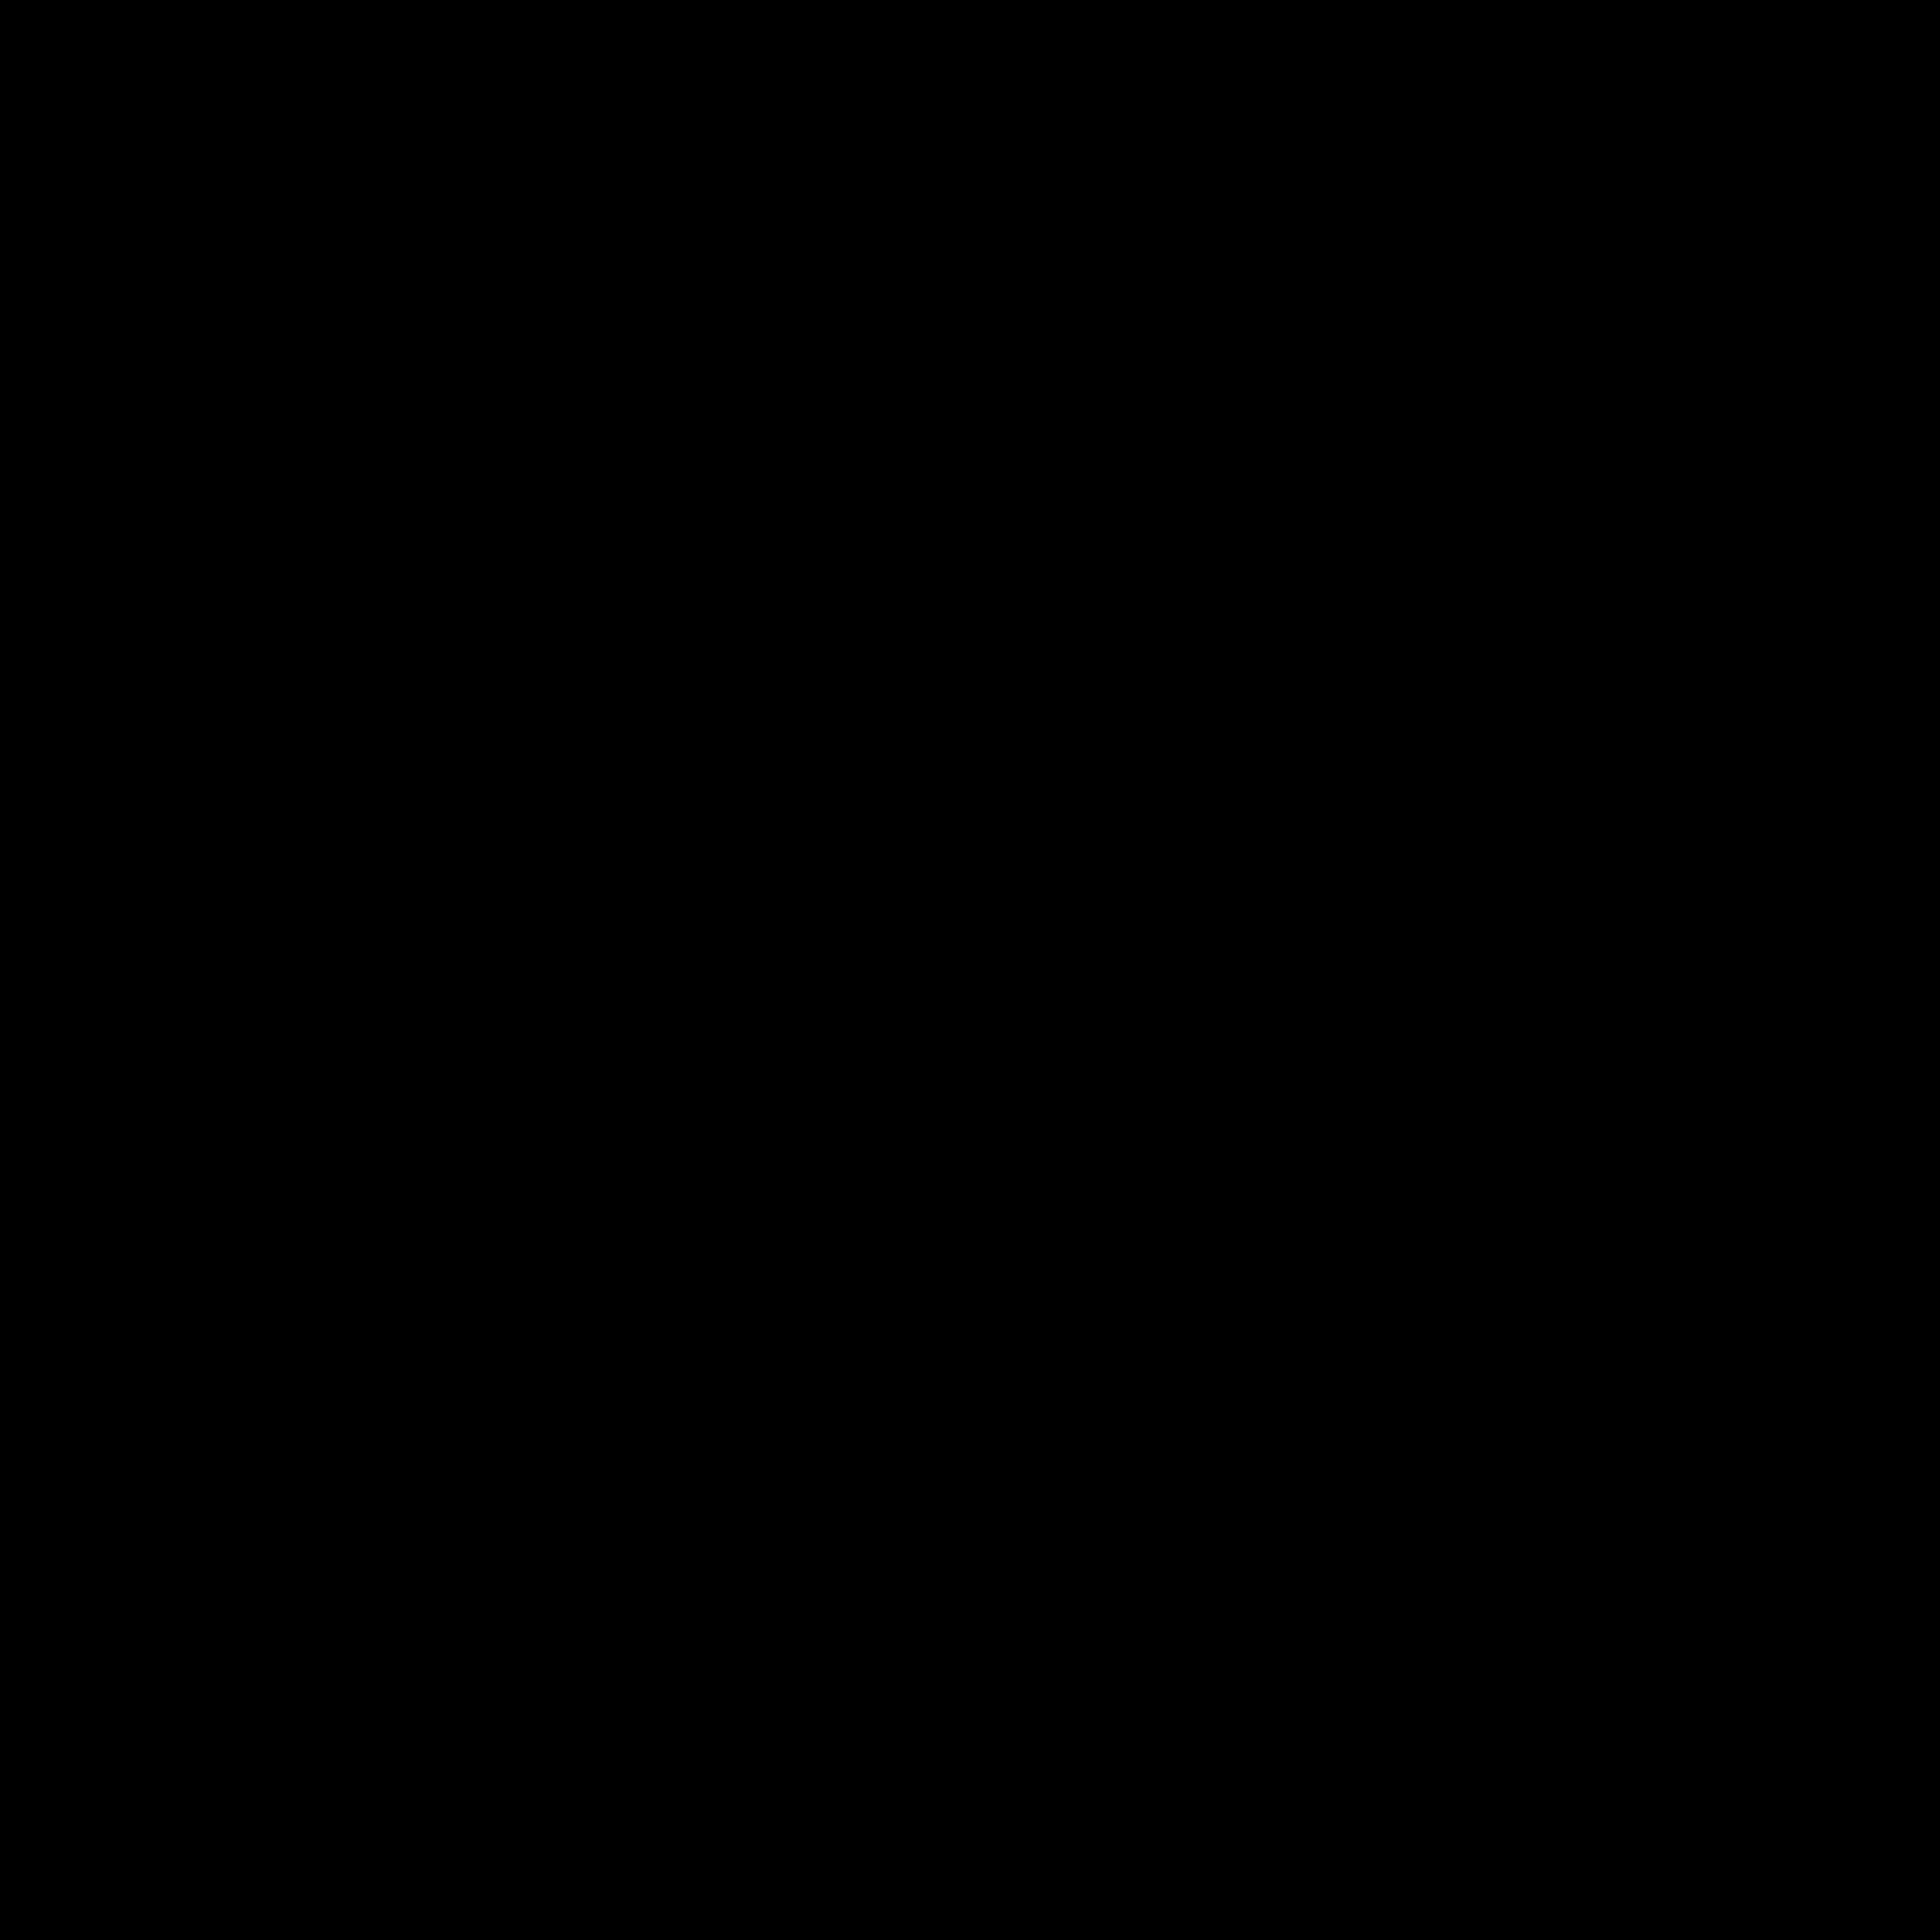 ecogardens-integrity-icon